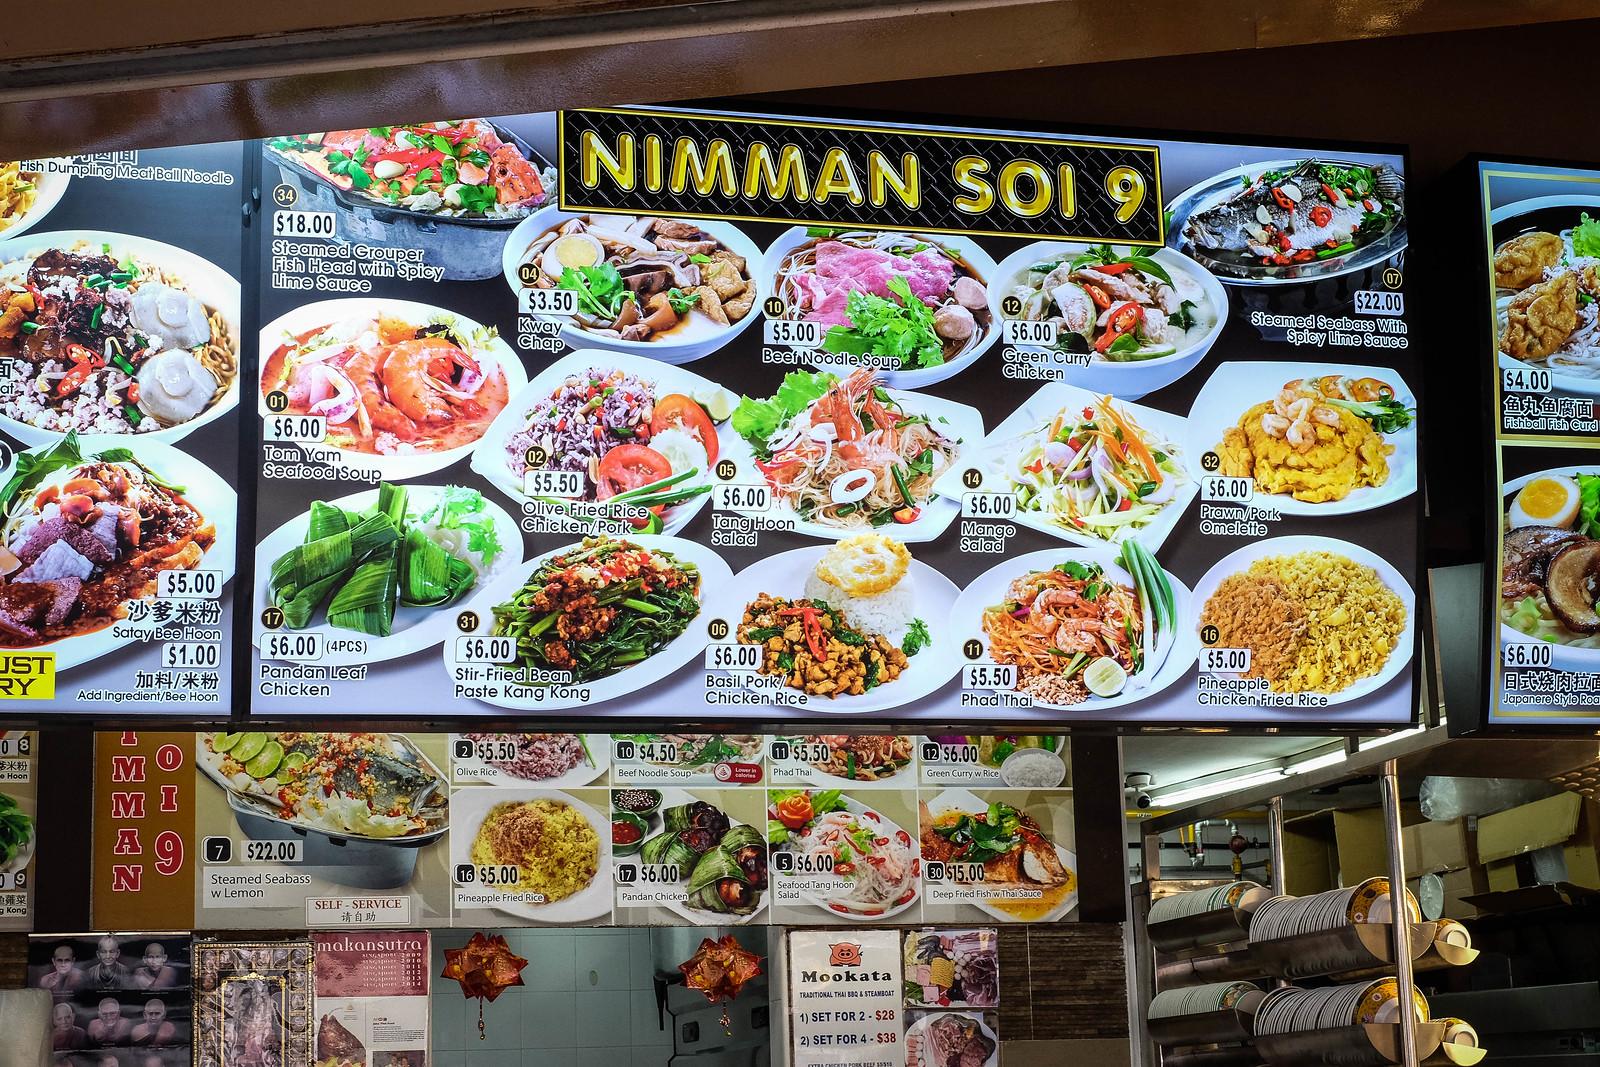 nimmansoi9signage1